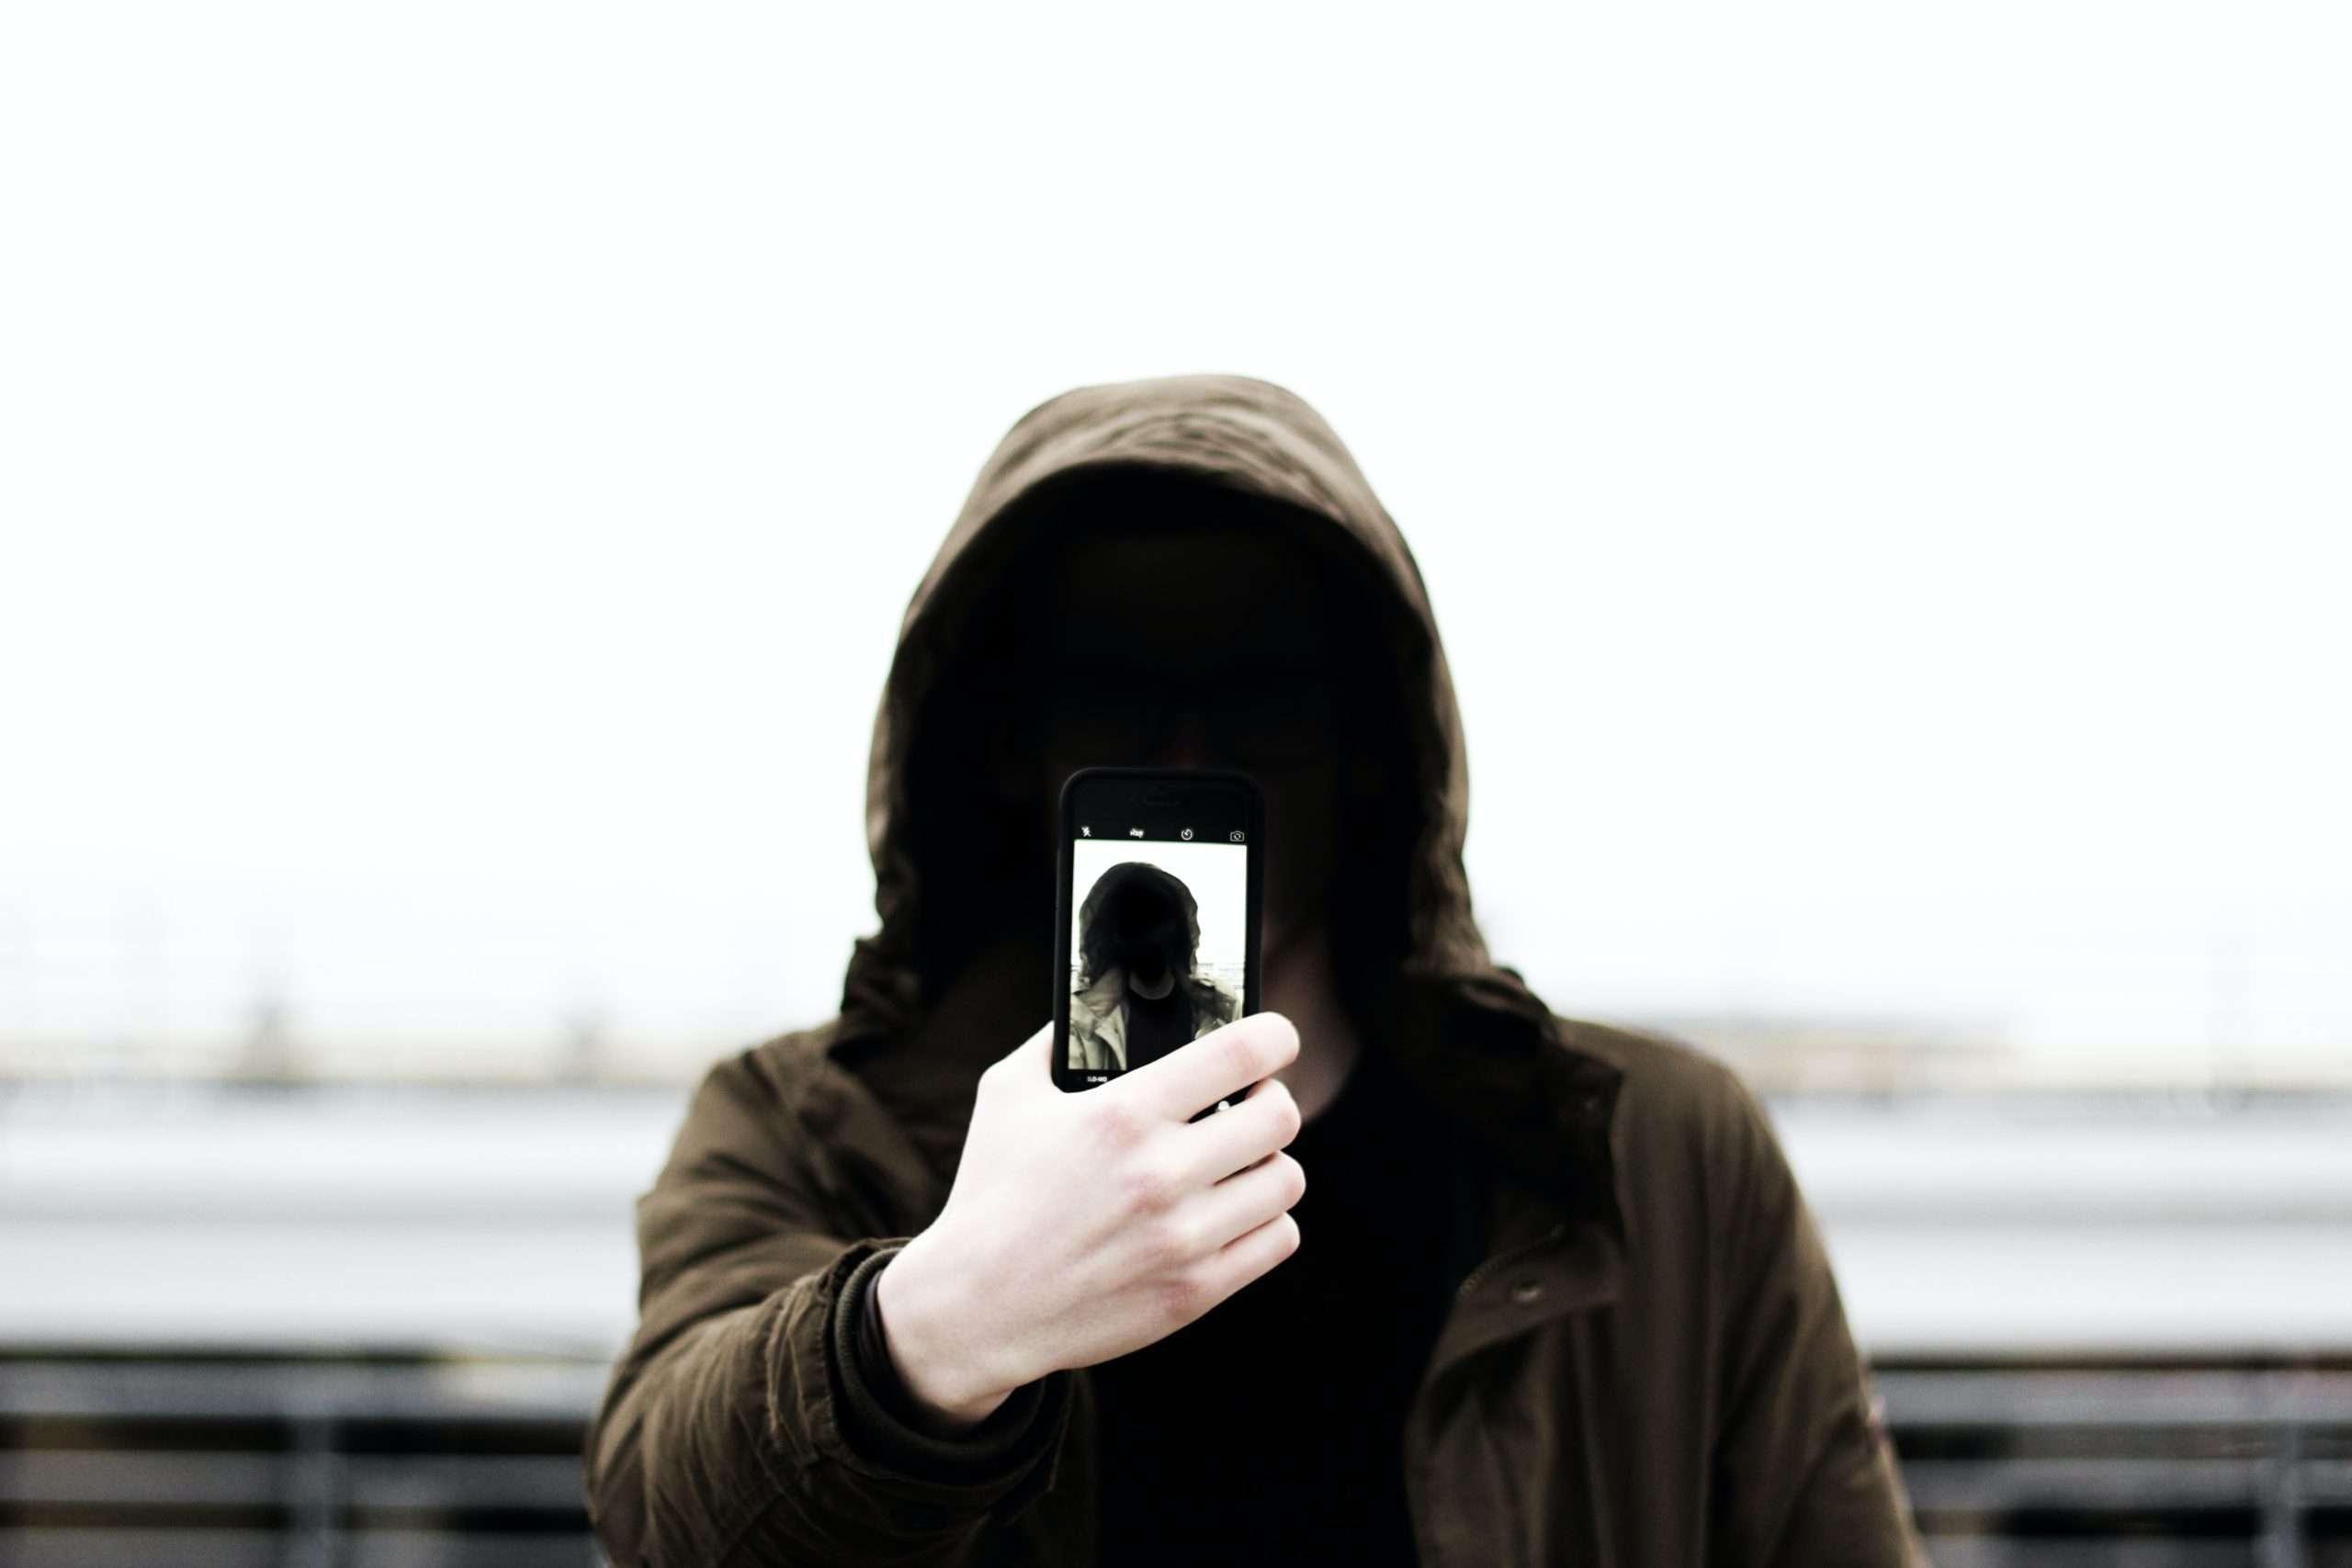 Welche Vor- und Nachteile birgt die anonyme Bewerbung?